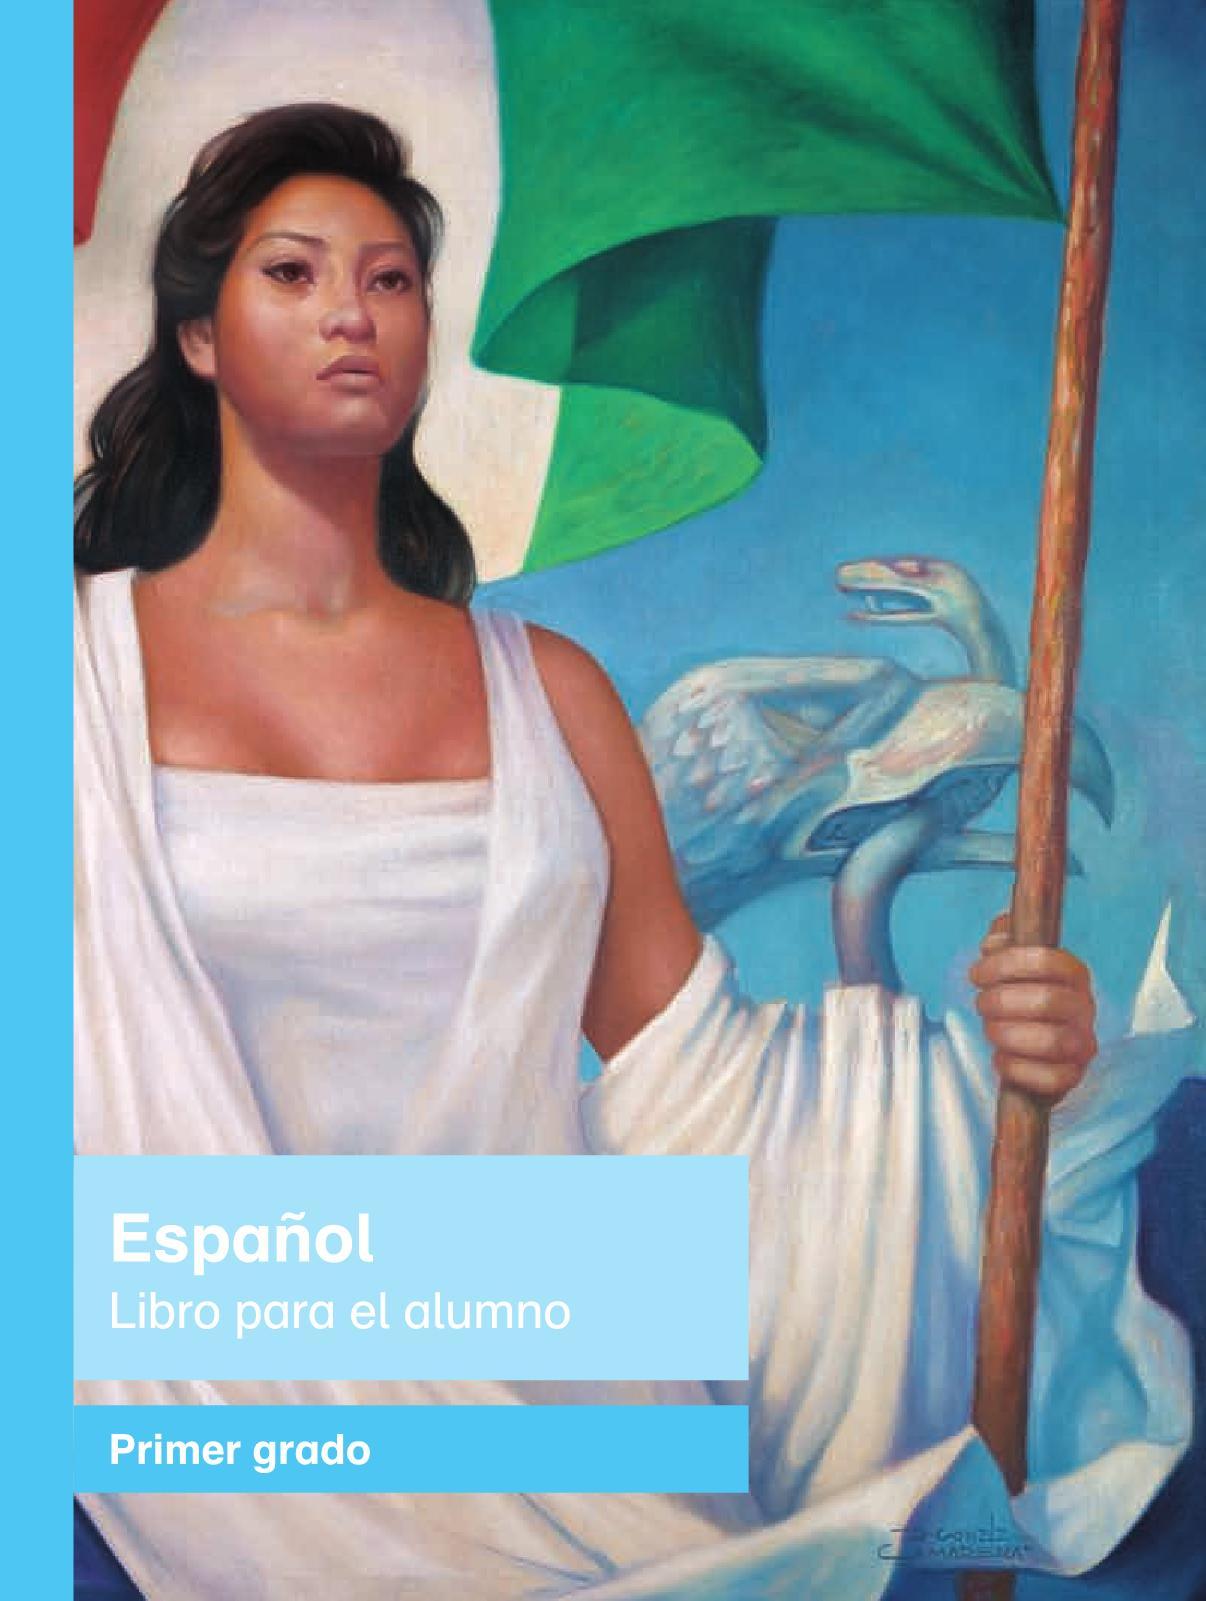 Español Libro para el alumnoprimeroPagina 1